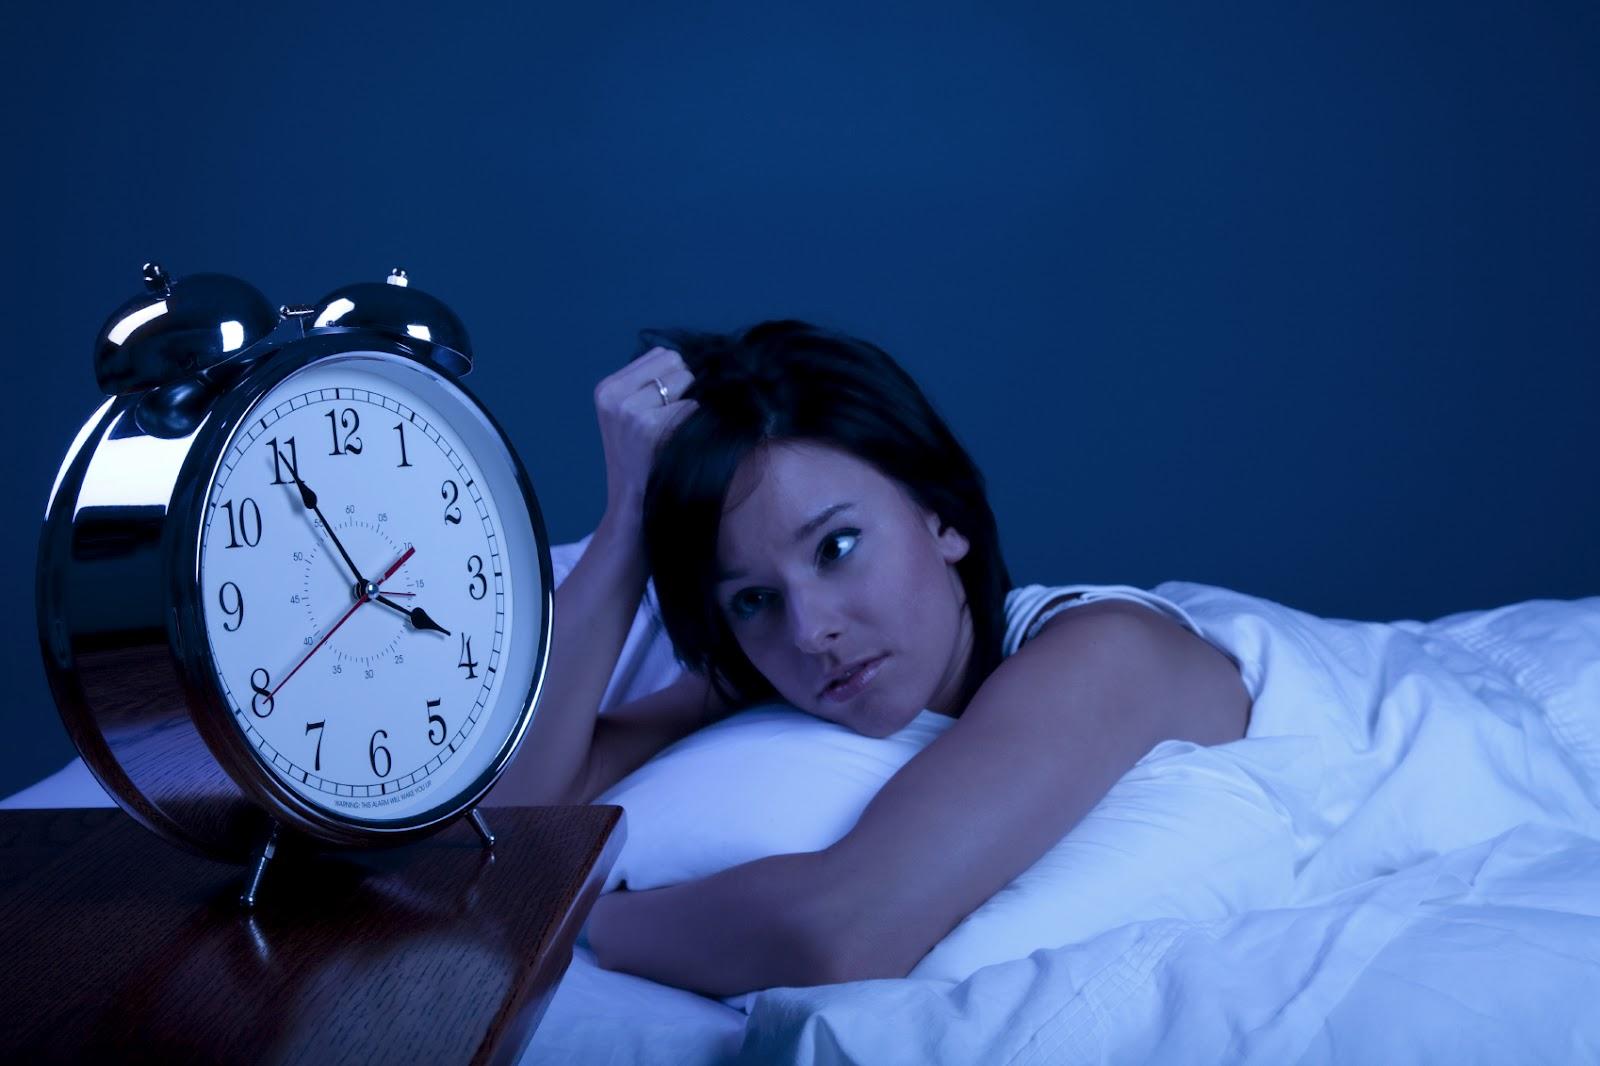 Αϋπνία: Δείτε ποιες τροφές την προκαλούν